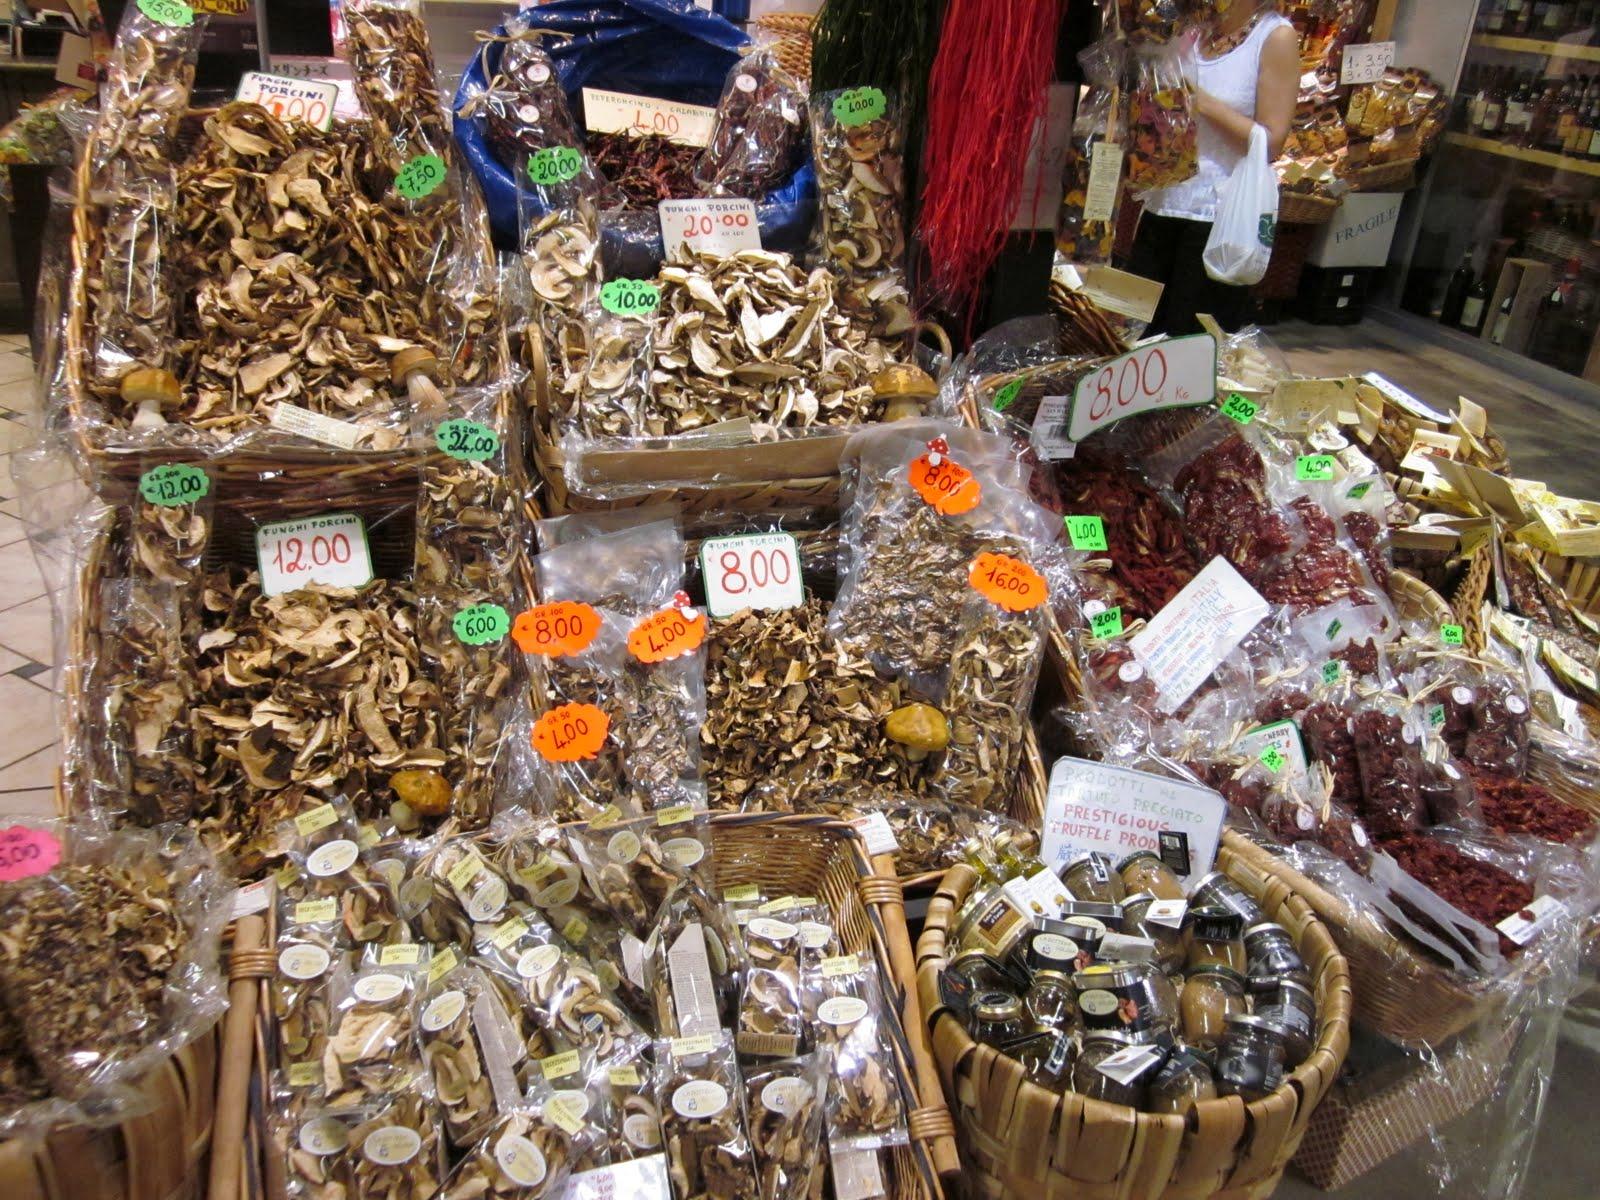 Gastronofilia: Mercados y tiendas en la Toscana 1: Mercato